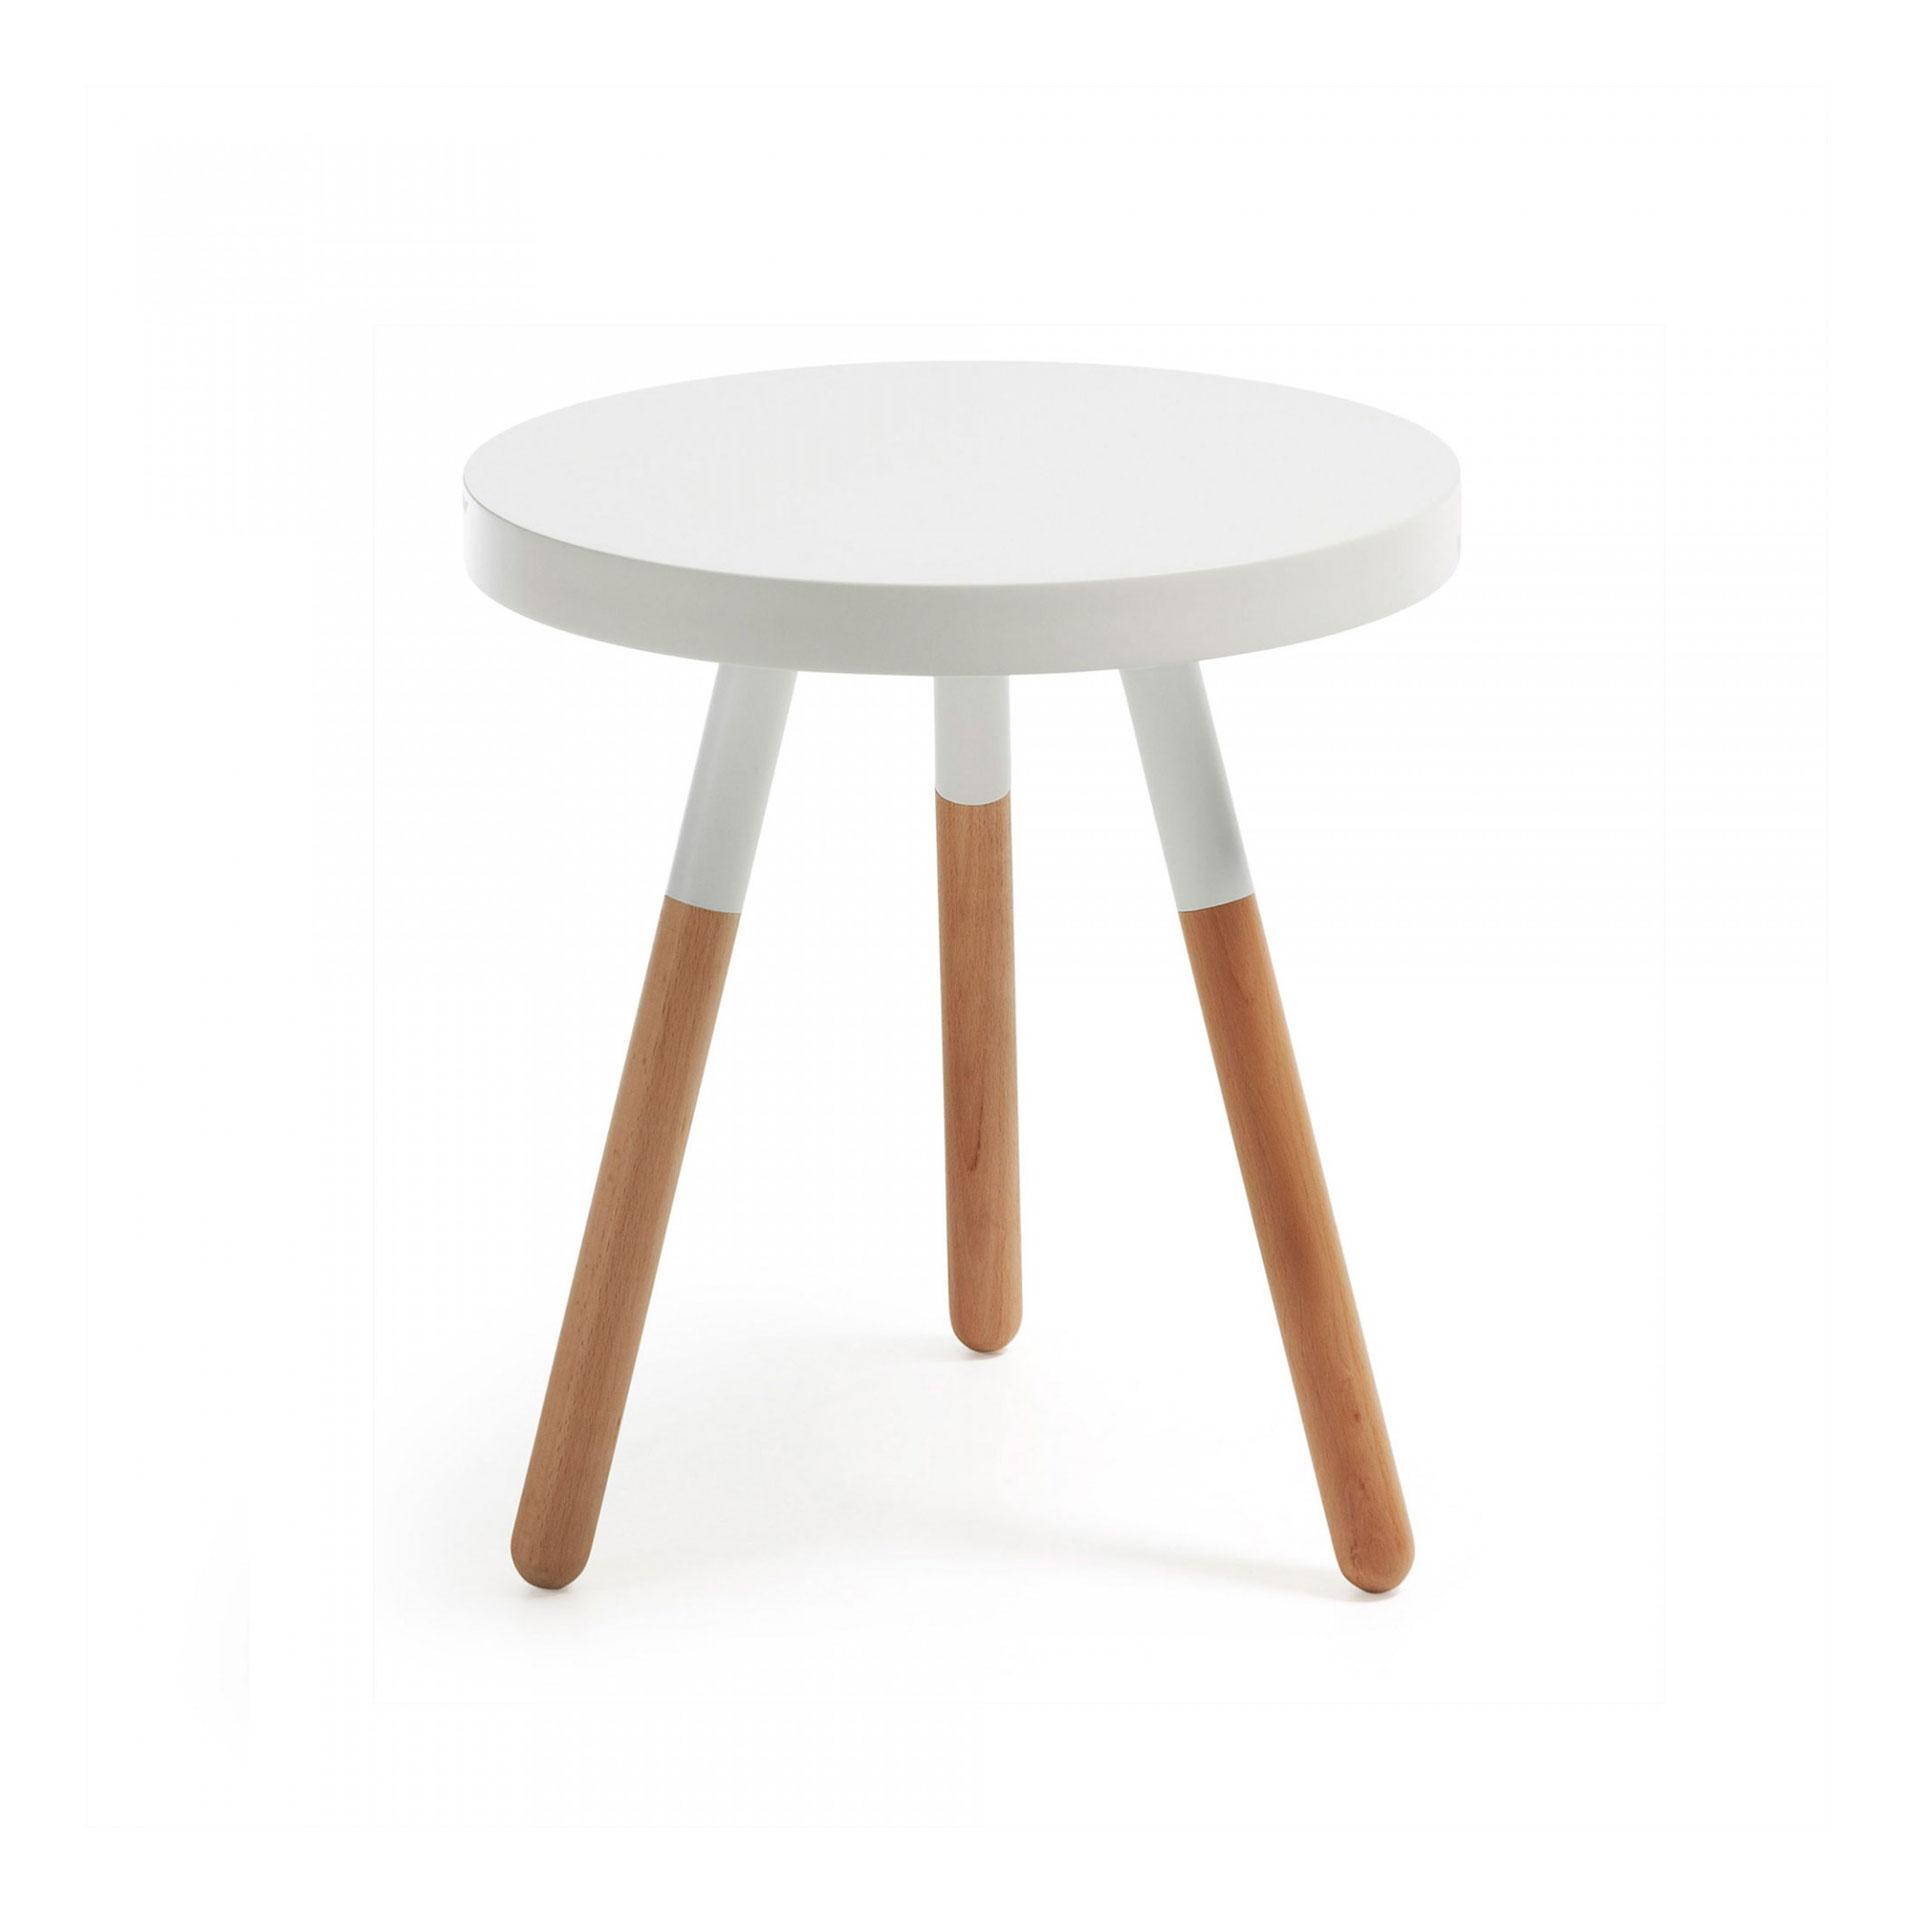 Mesa de apoio em madeira faia/MDF lacado, Ø48x50 cm